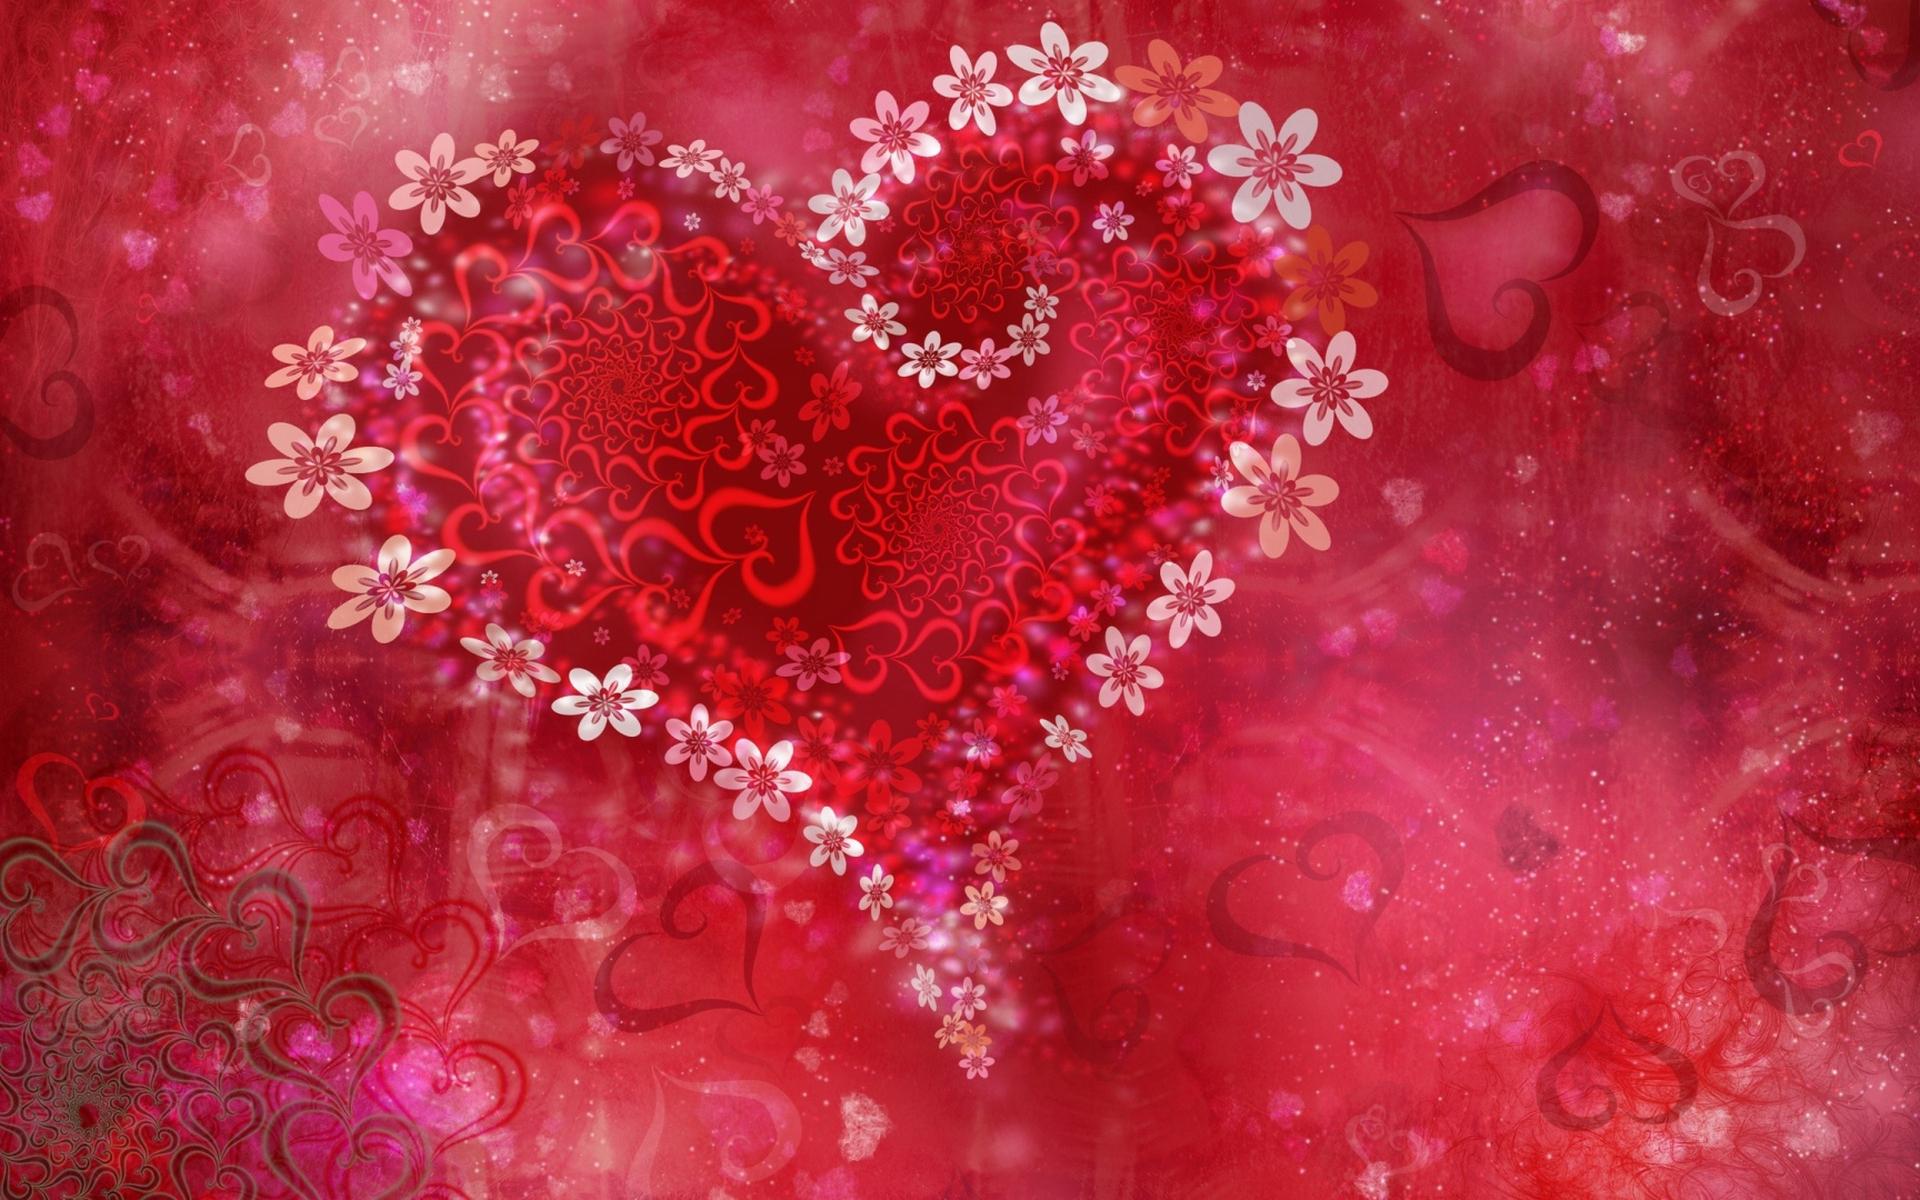 Обои на рабочий стол любовь цветы